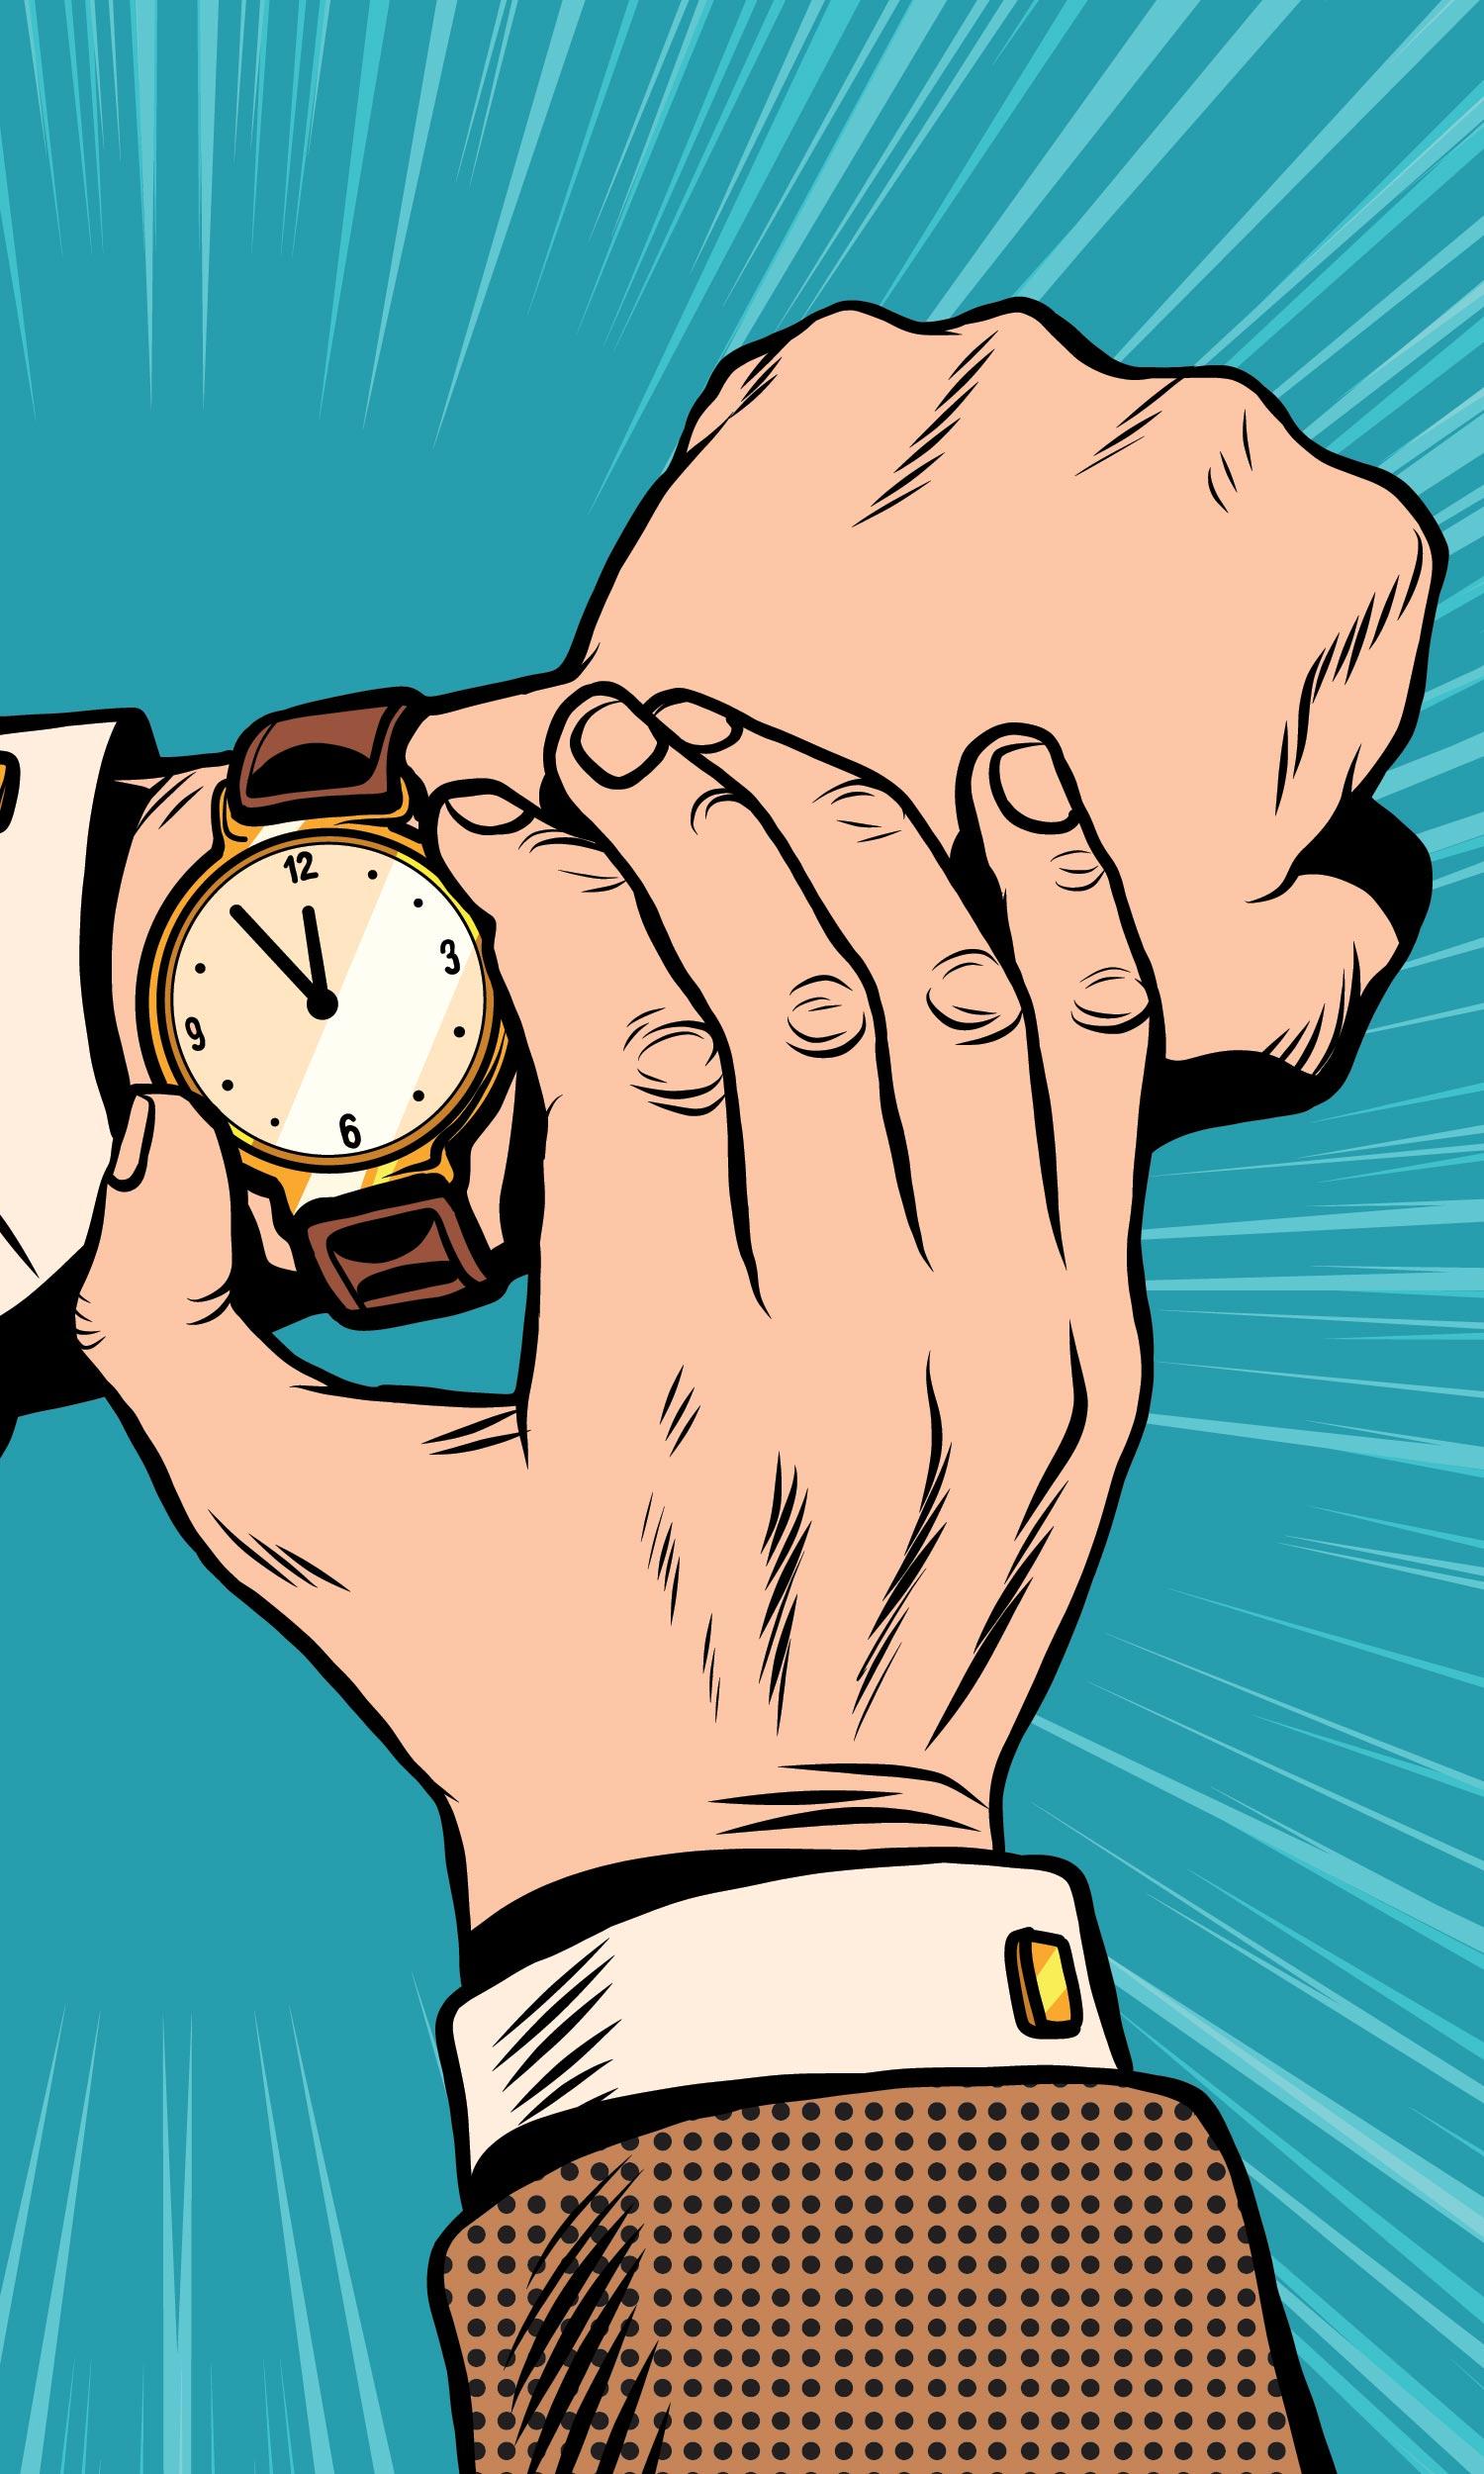 Midlife-crisis - Die Zeit wird knapp